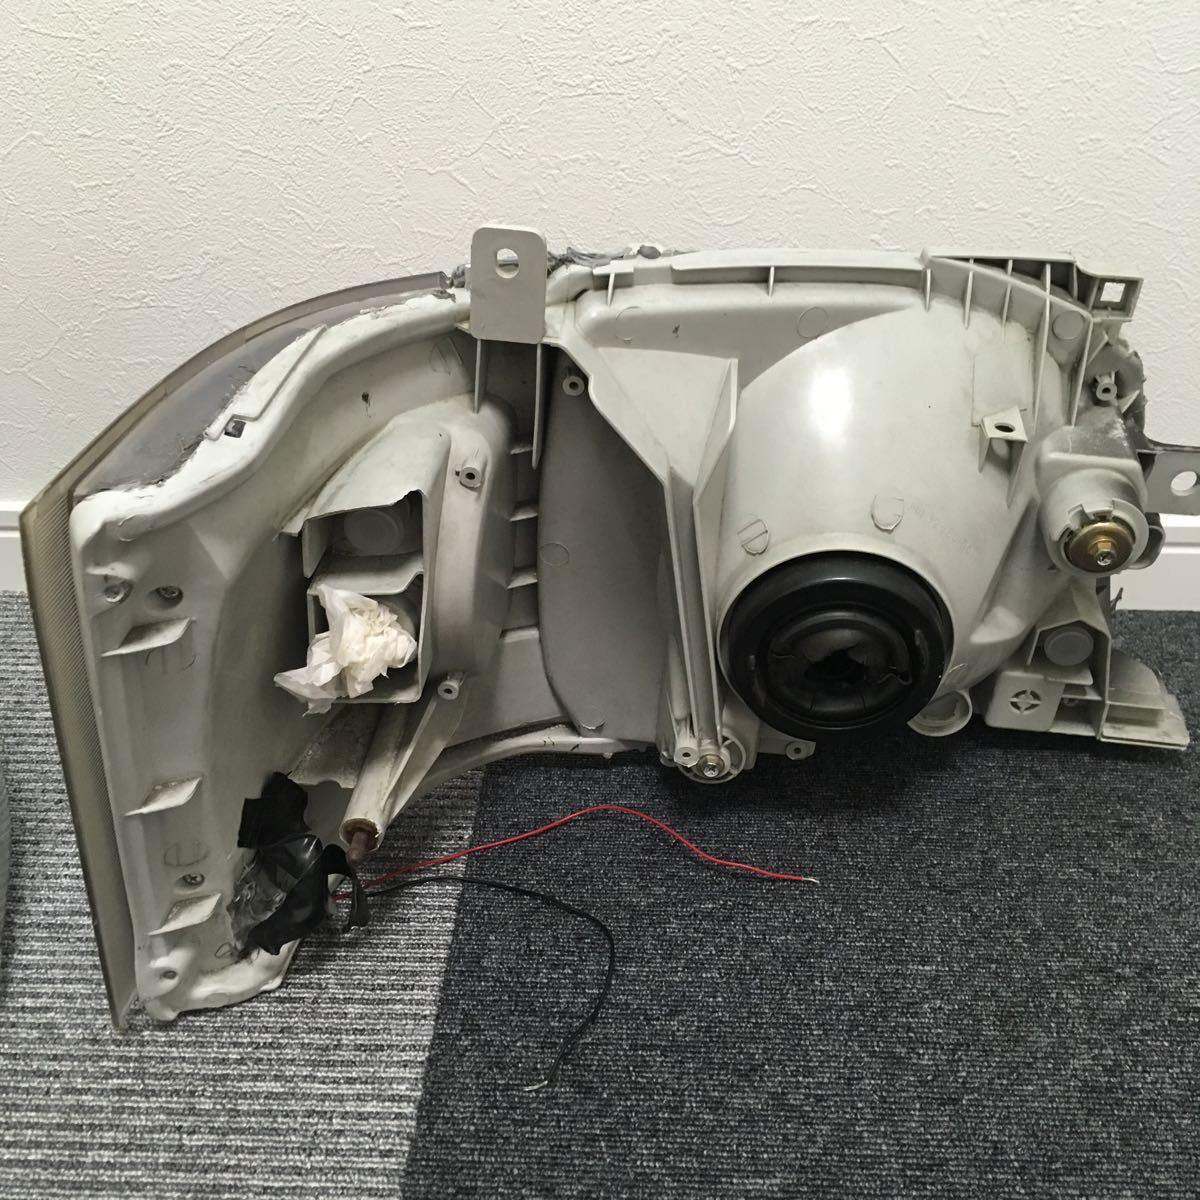 中古 200系 2型 ハイエース カスタムヘッドライト左右セット LEDウインカー ブラックアウト 加工品_画像7